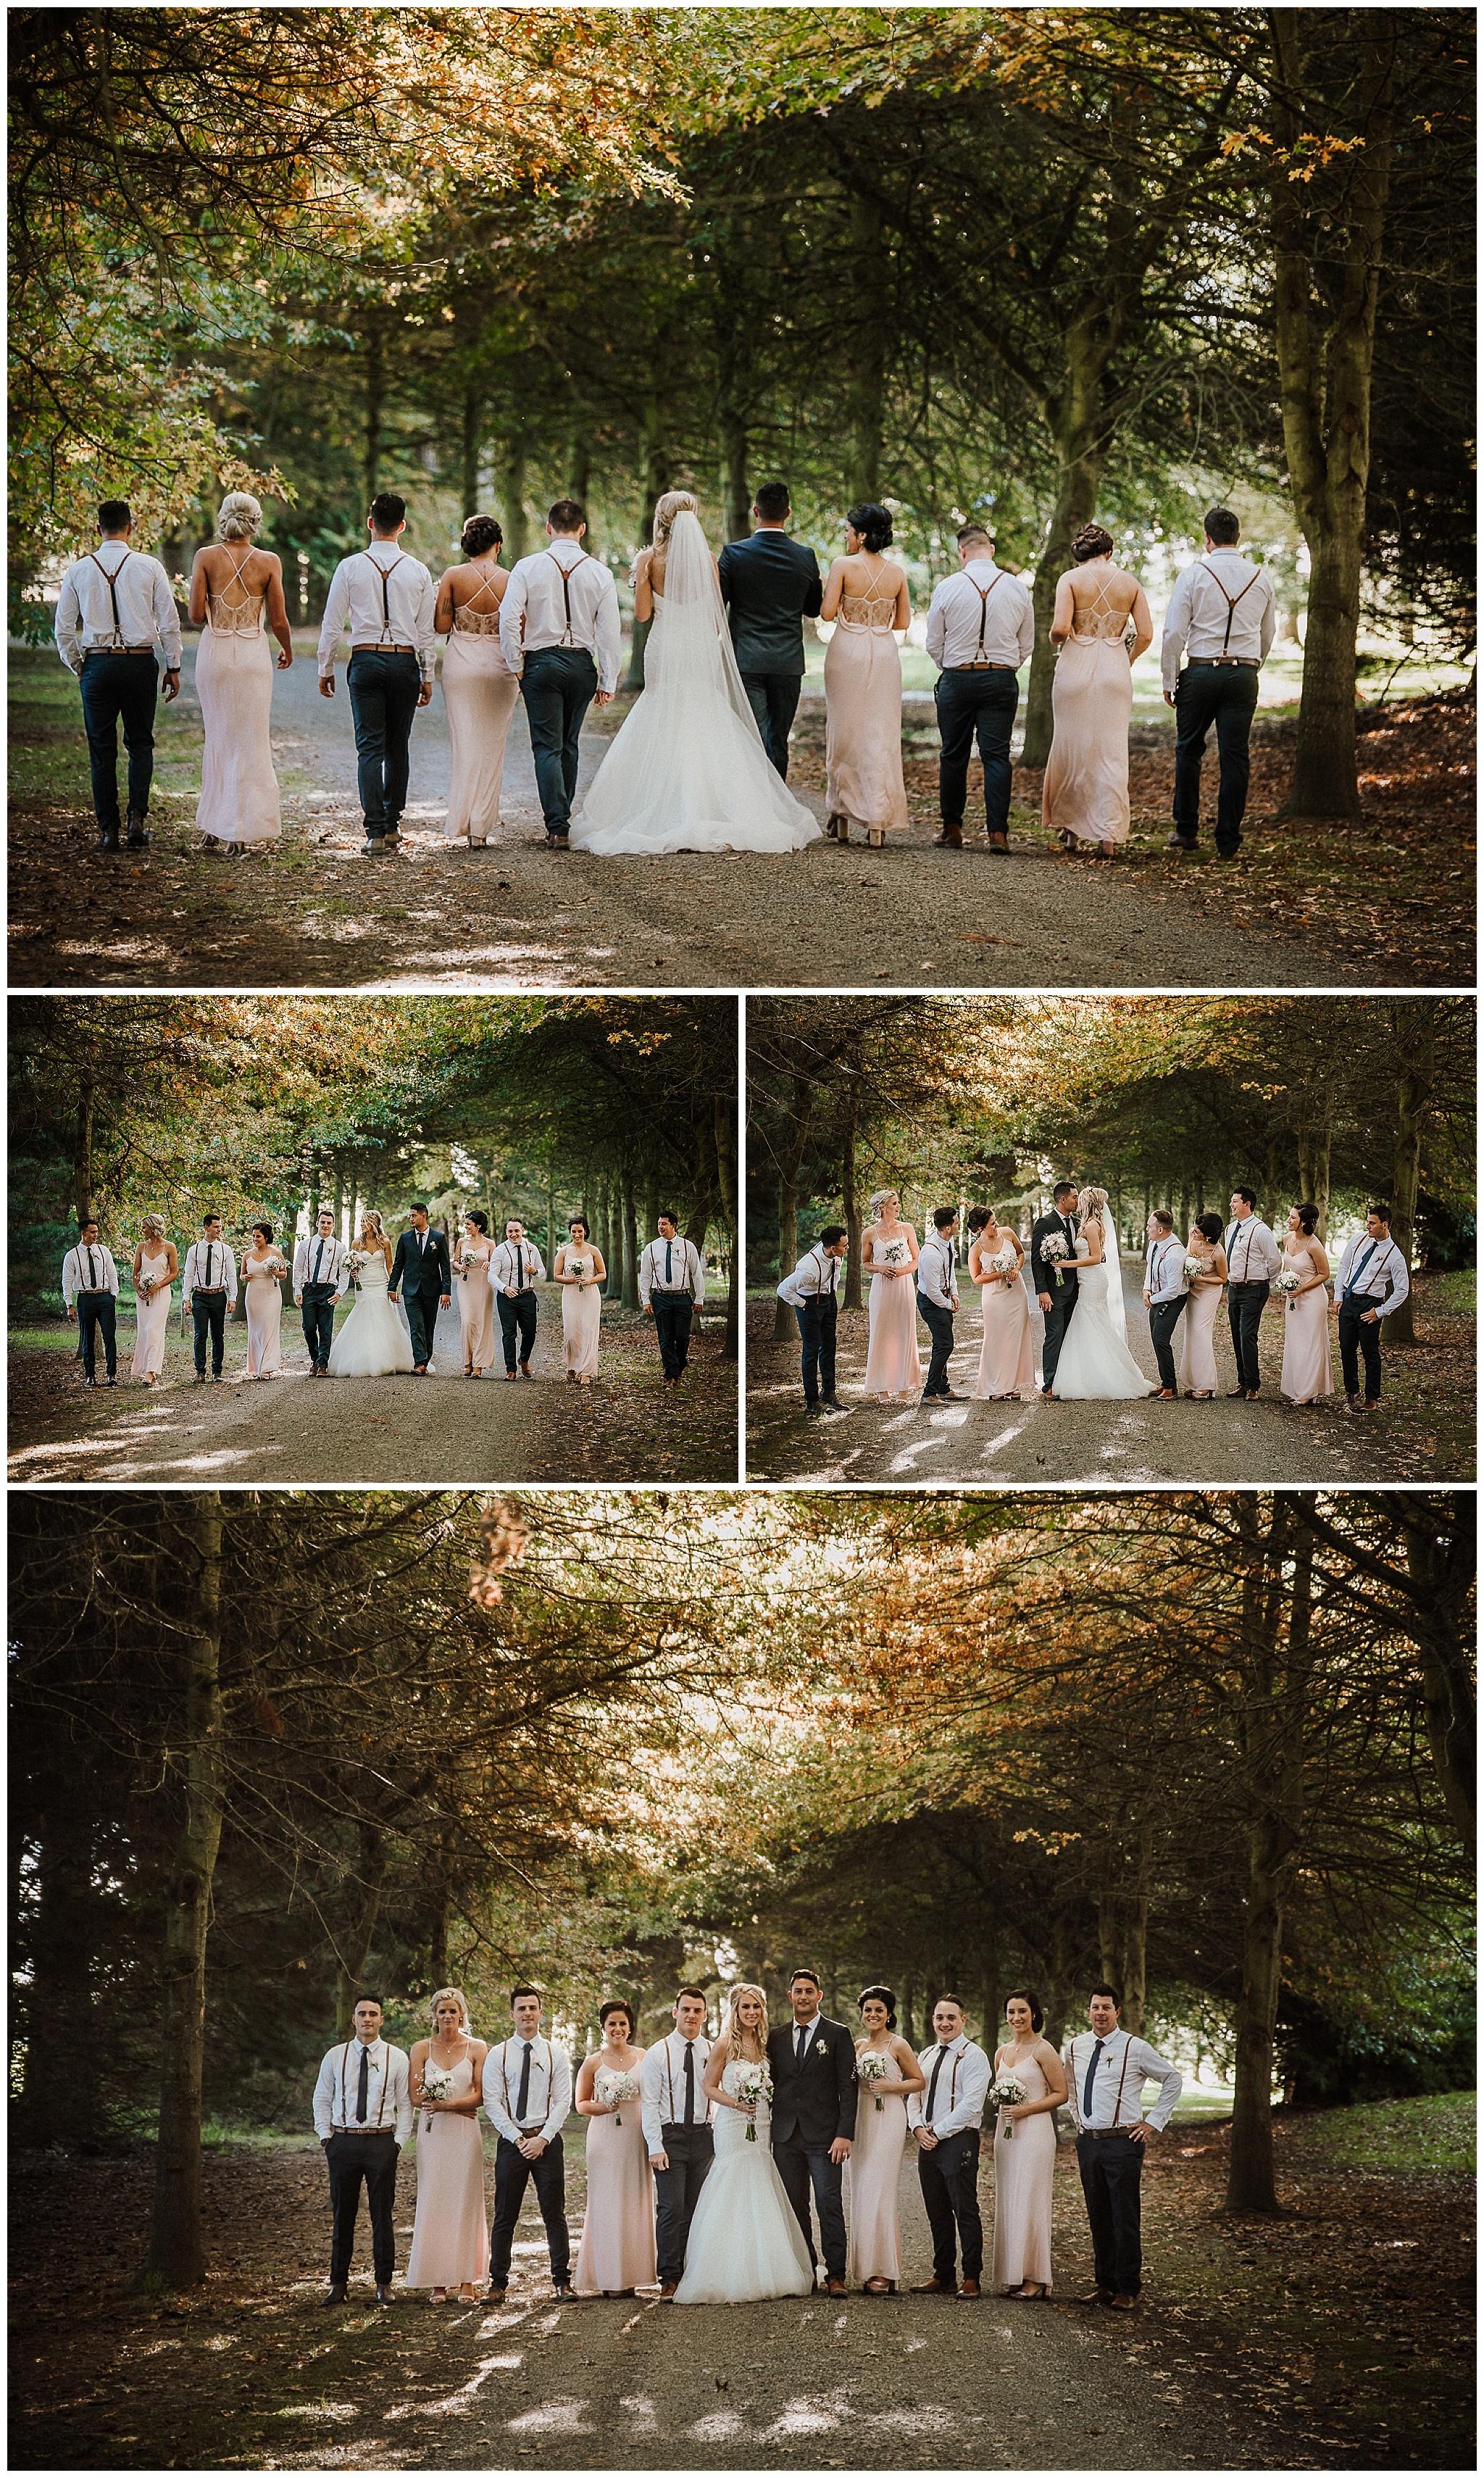 chad-jakalah-christchurch-garden-summer-elegant-auckland-wedding-photographer_0034.jpg